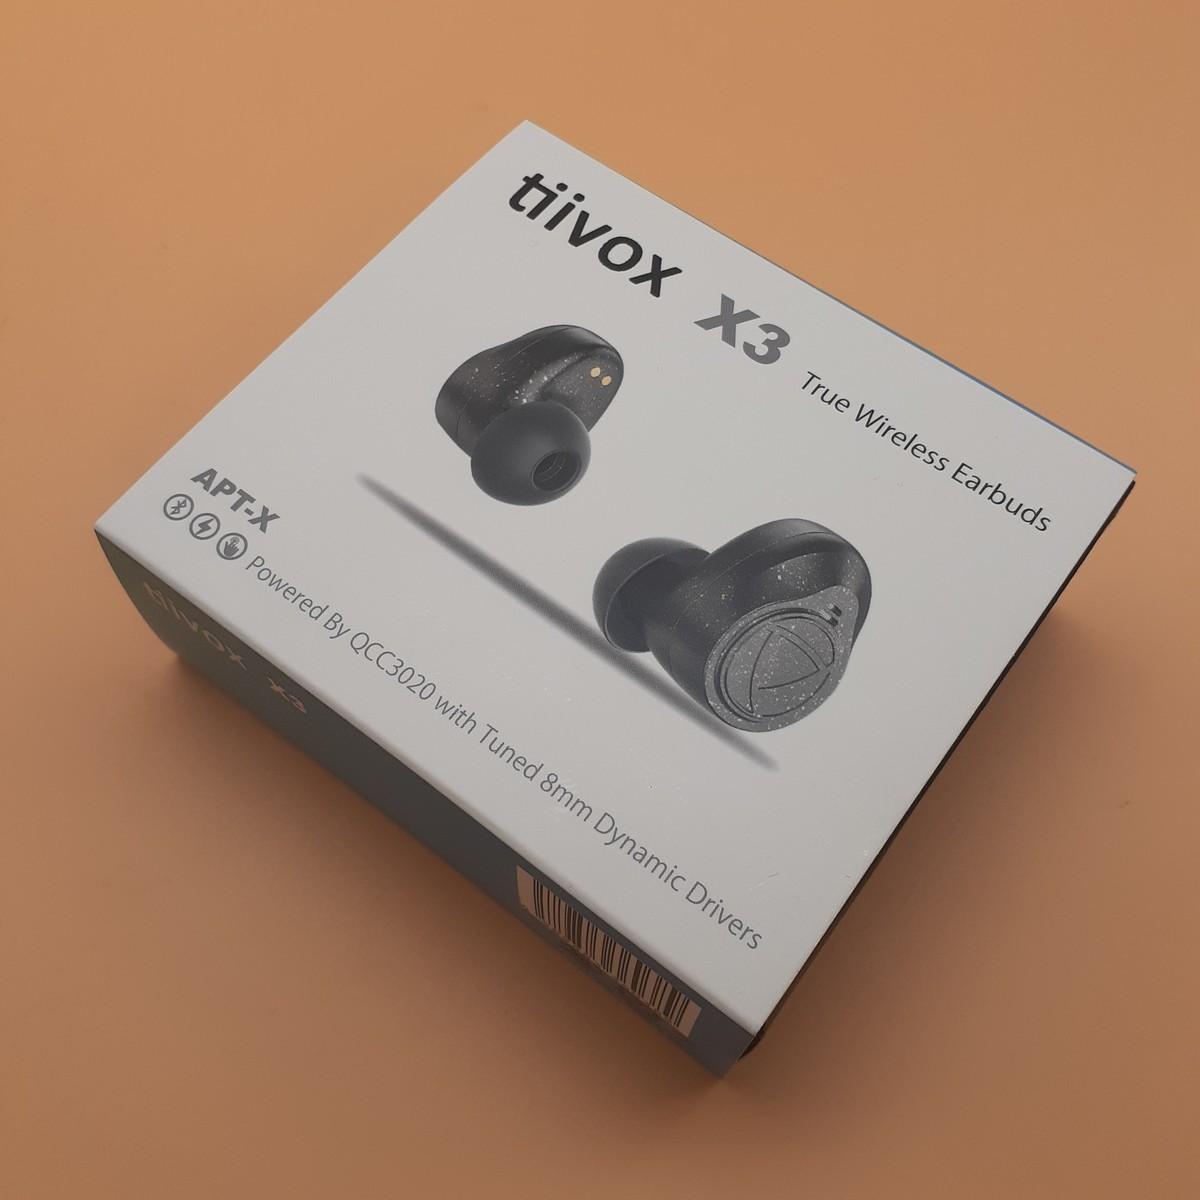 Tiivox X3